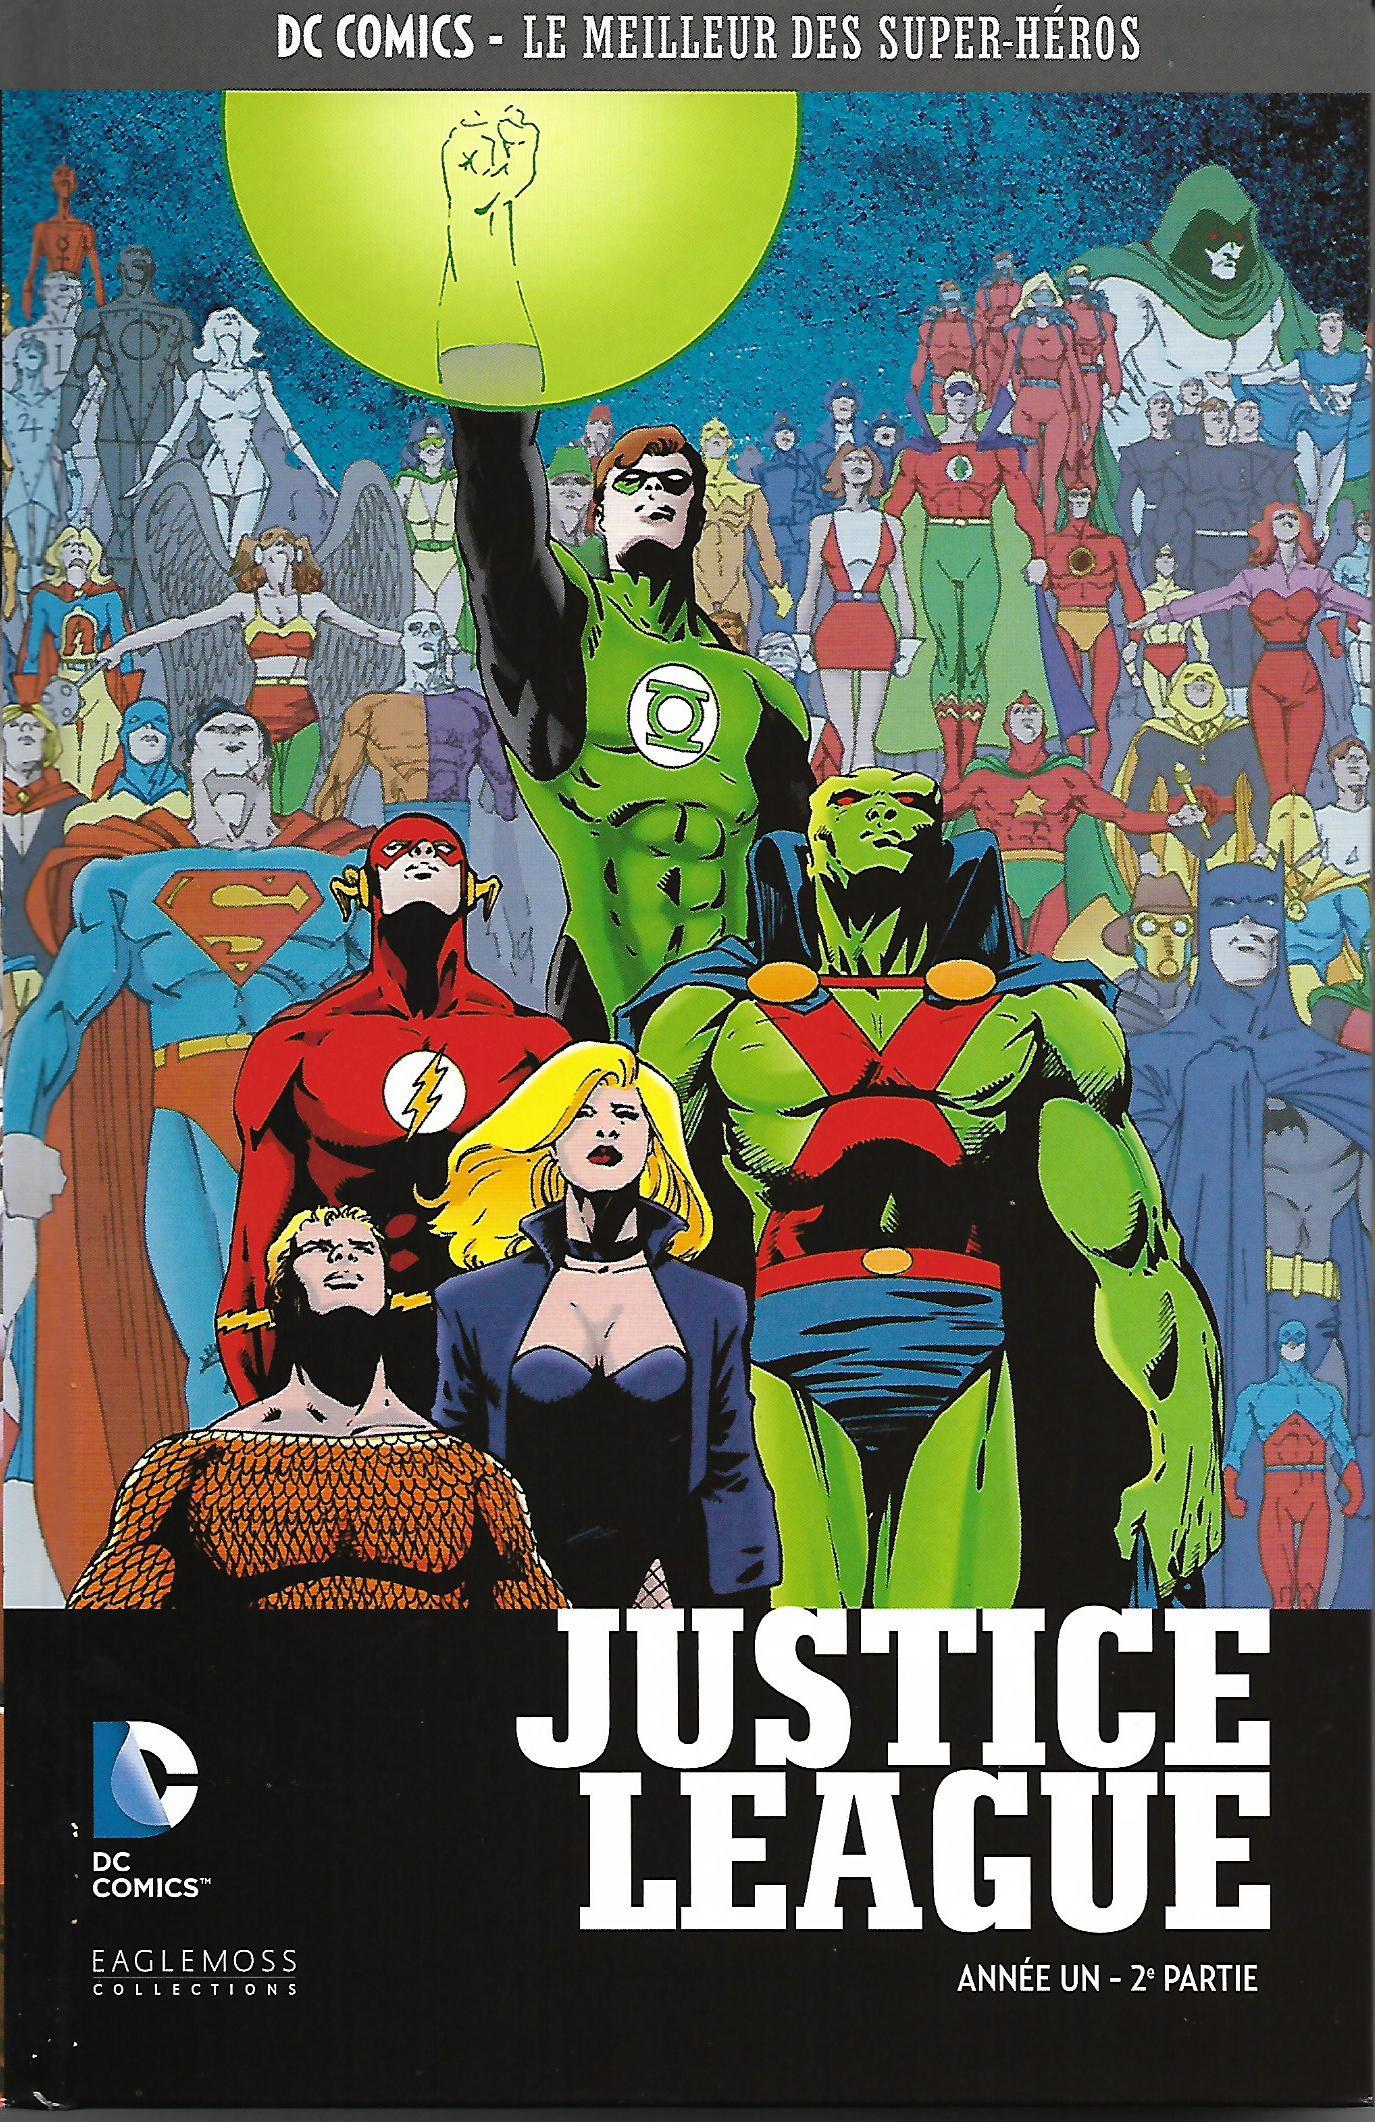 DC Comics - Le Meilleur des Super-Héros 19 - Justice League Year One 02